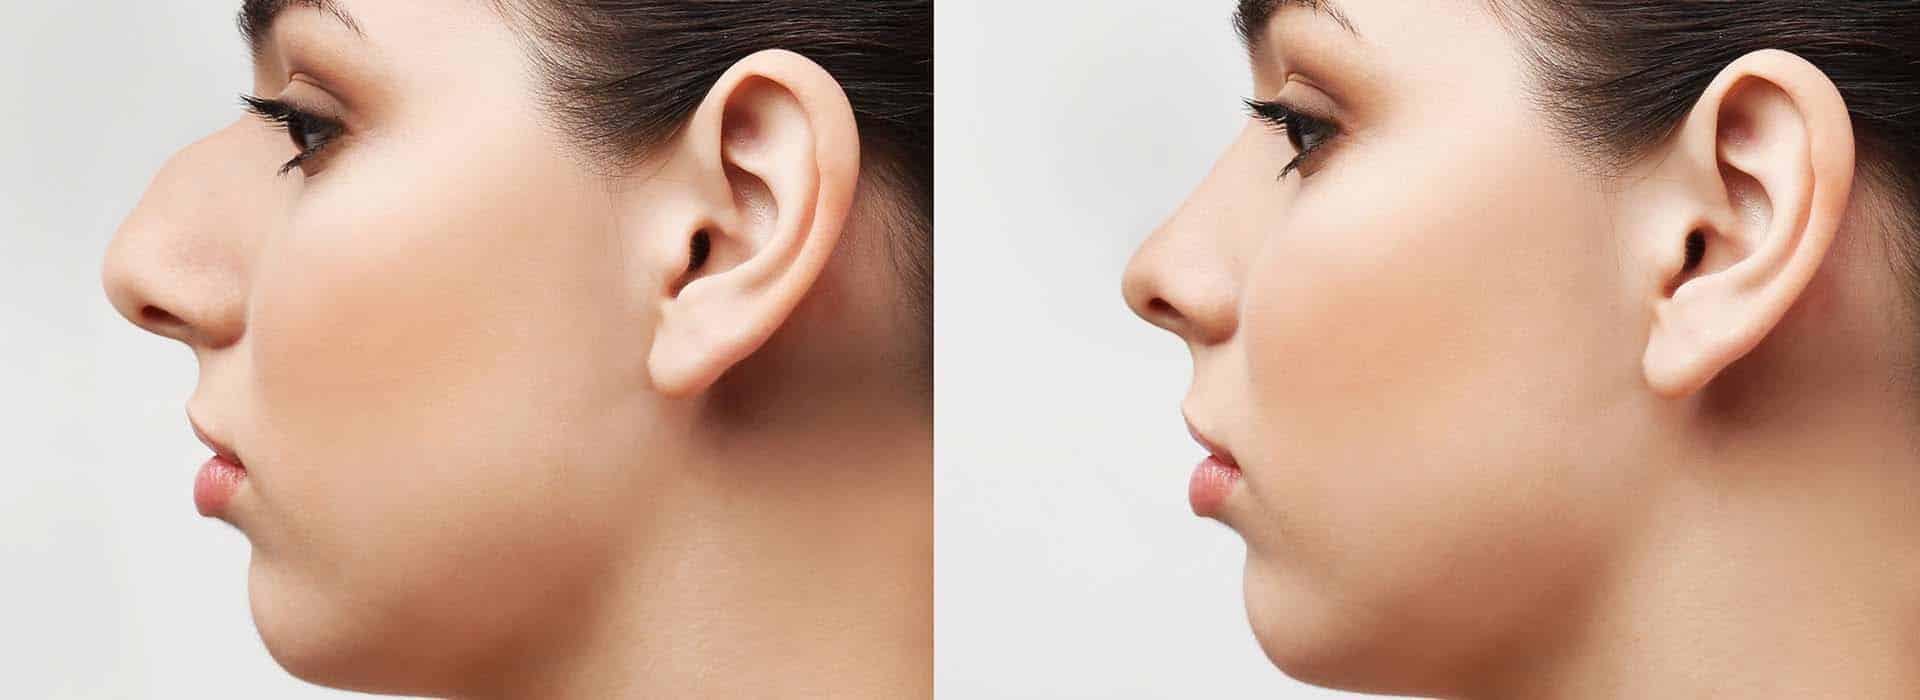 Rinoplastia de nariz ancha: Tratamiento y postoperatorio